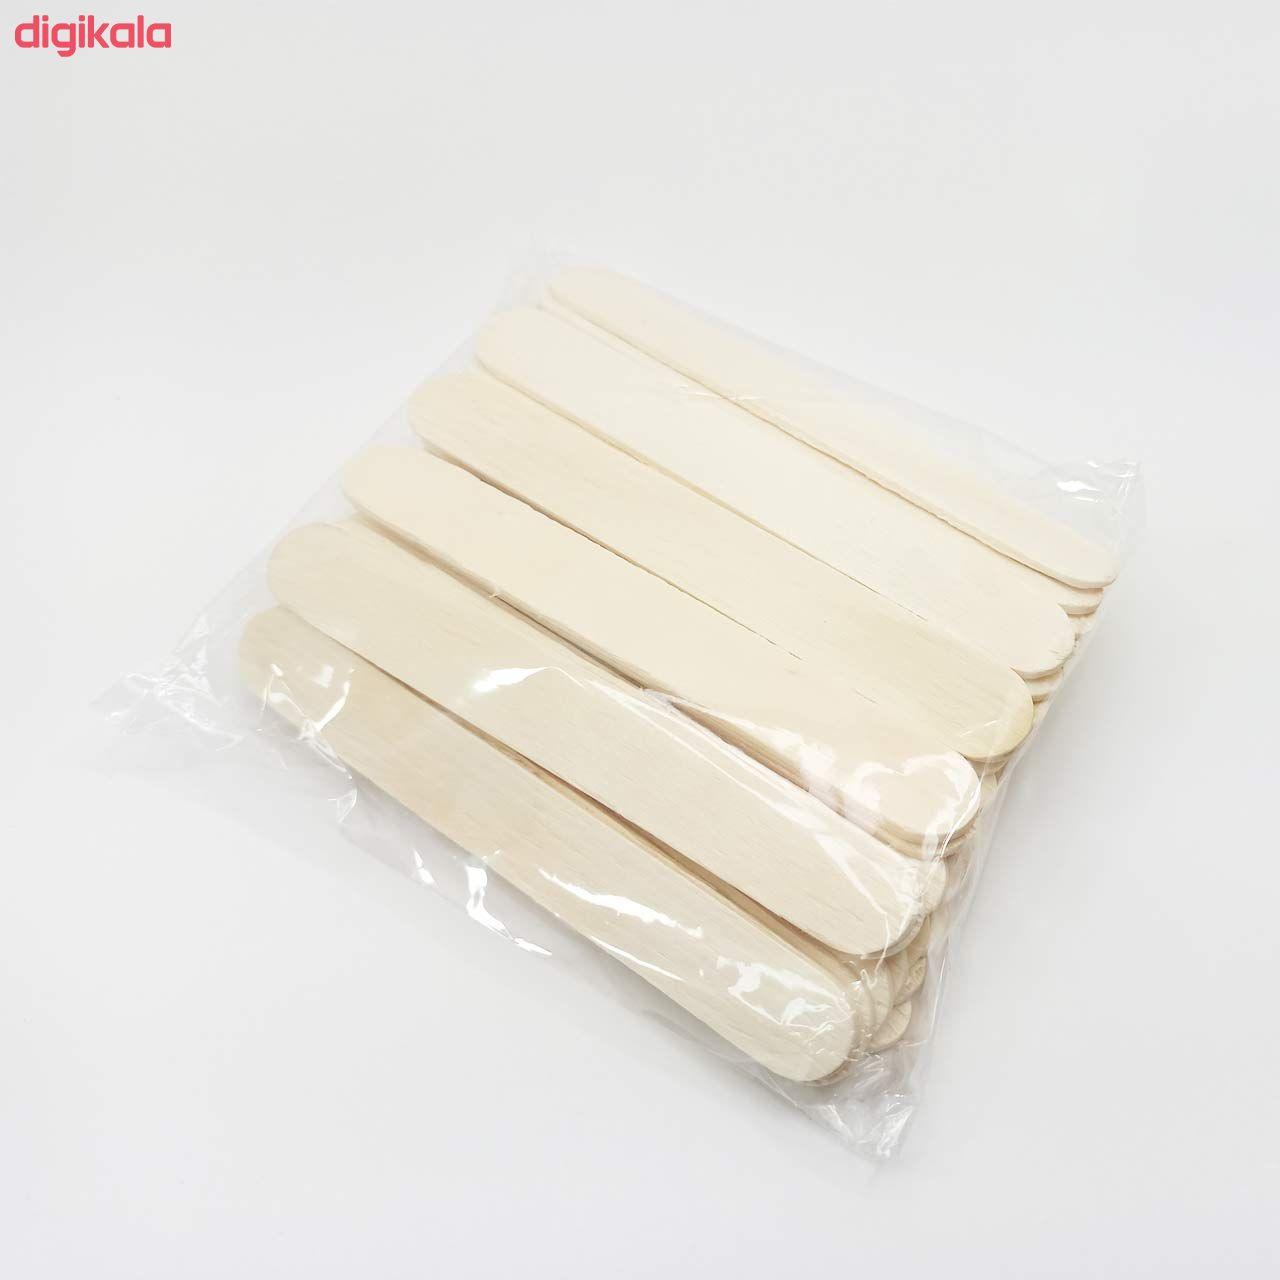 چوب بستنی مدل G10 بسته 80 عددی  main 1 1